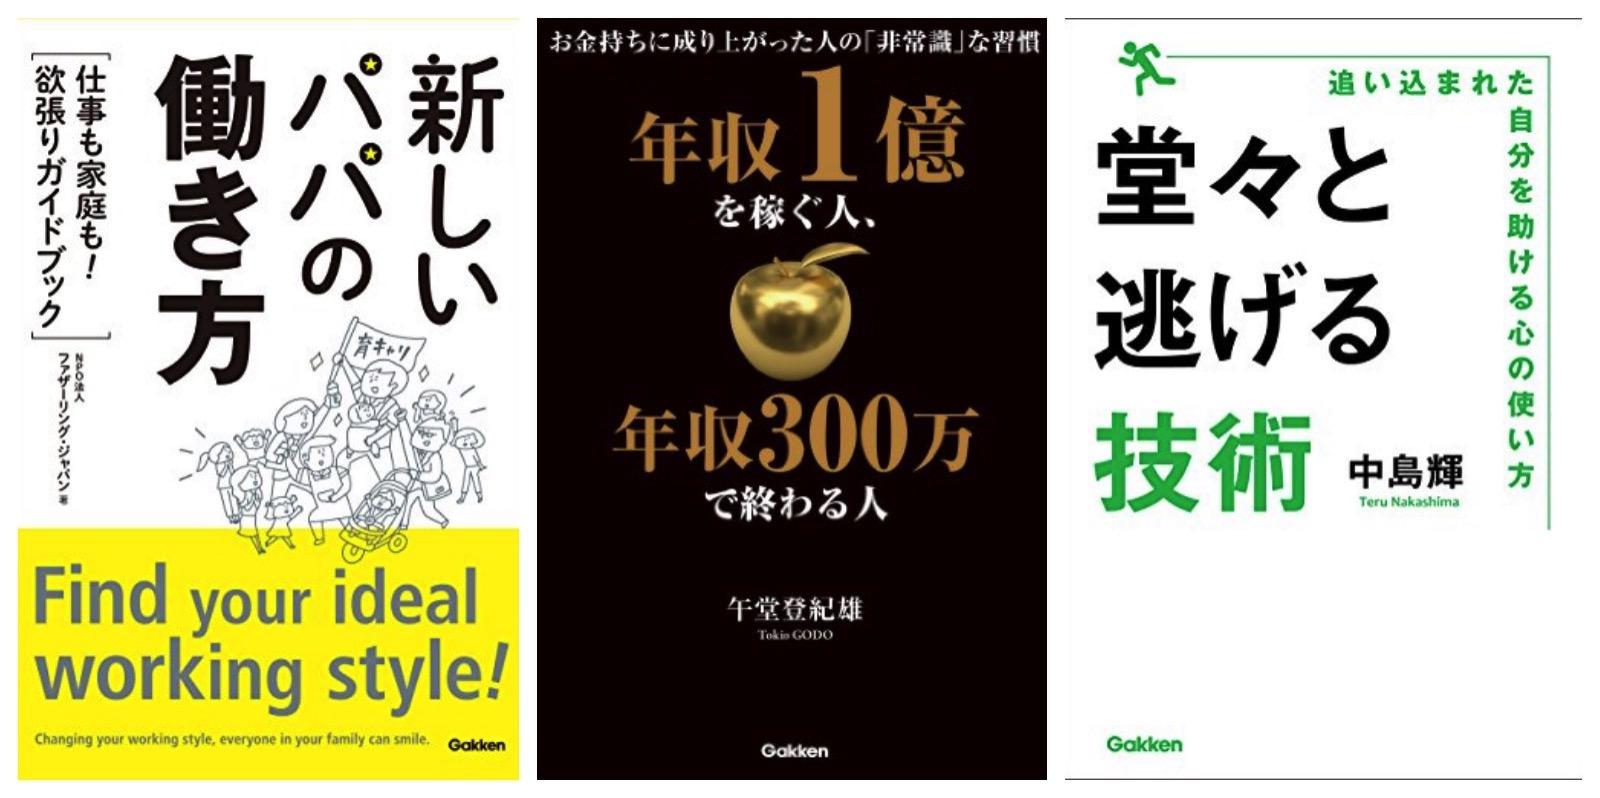 Jiko keihatsu book sale